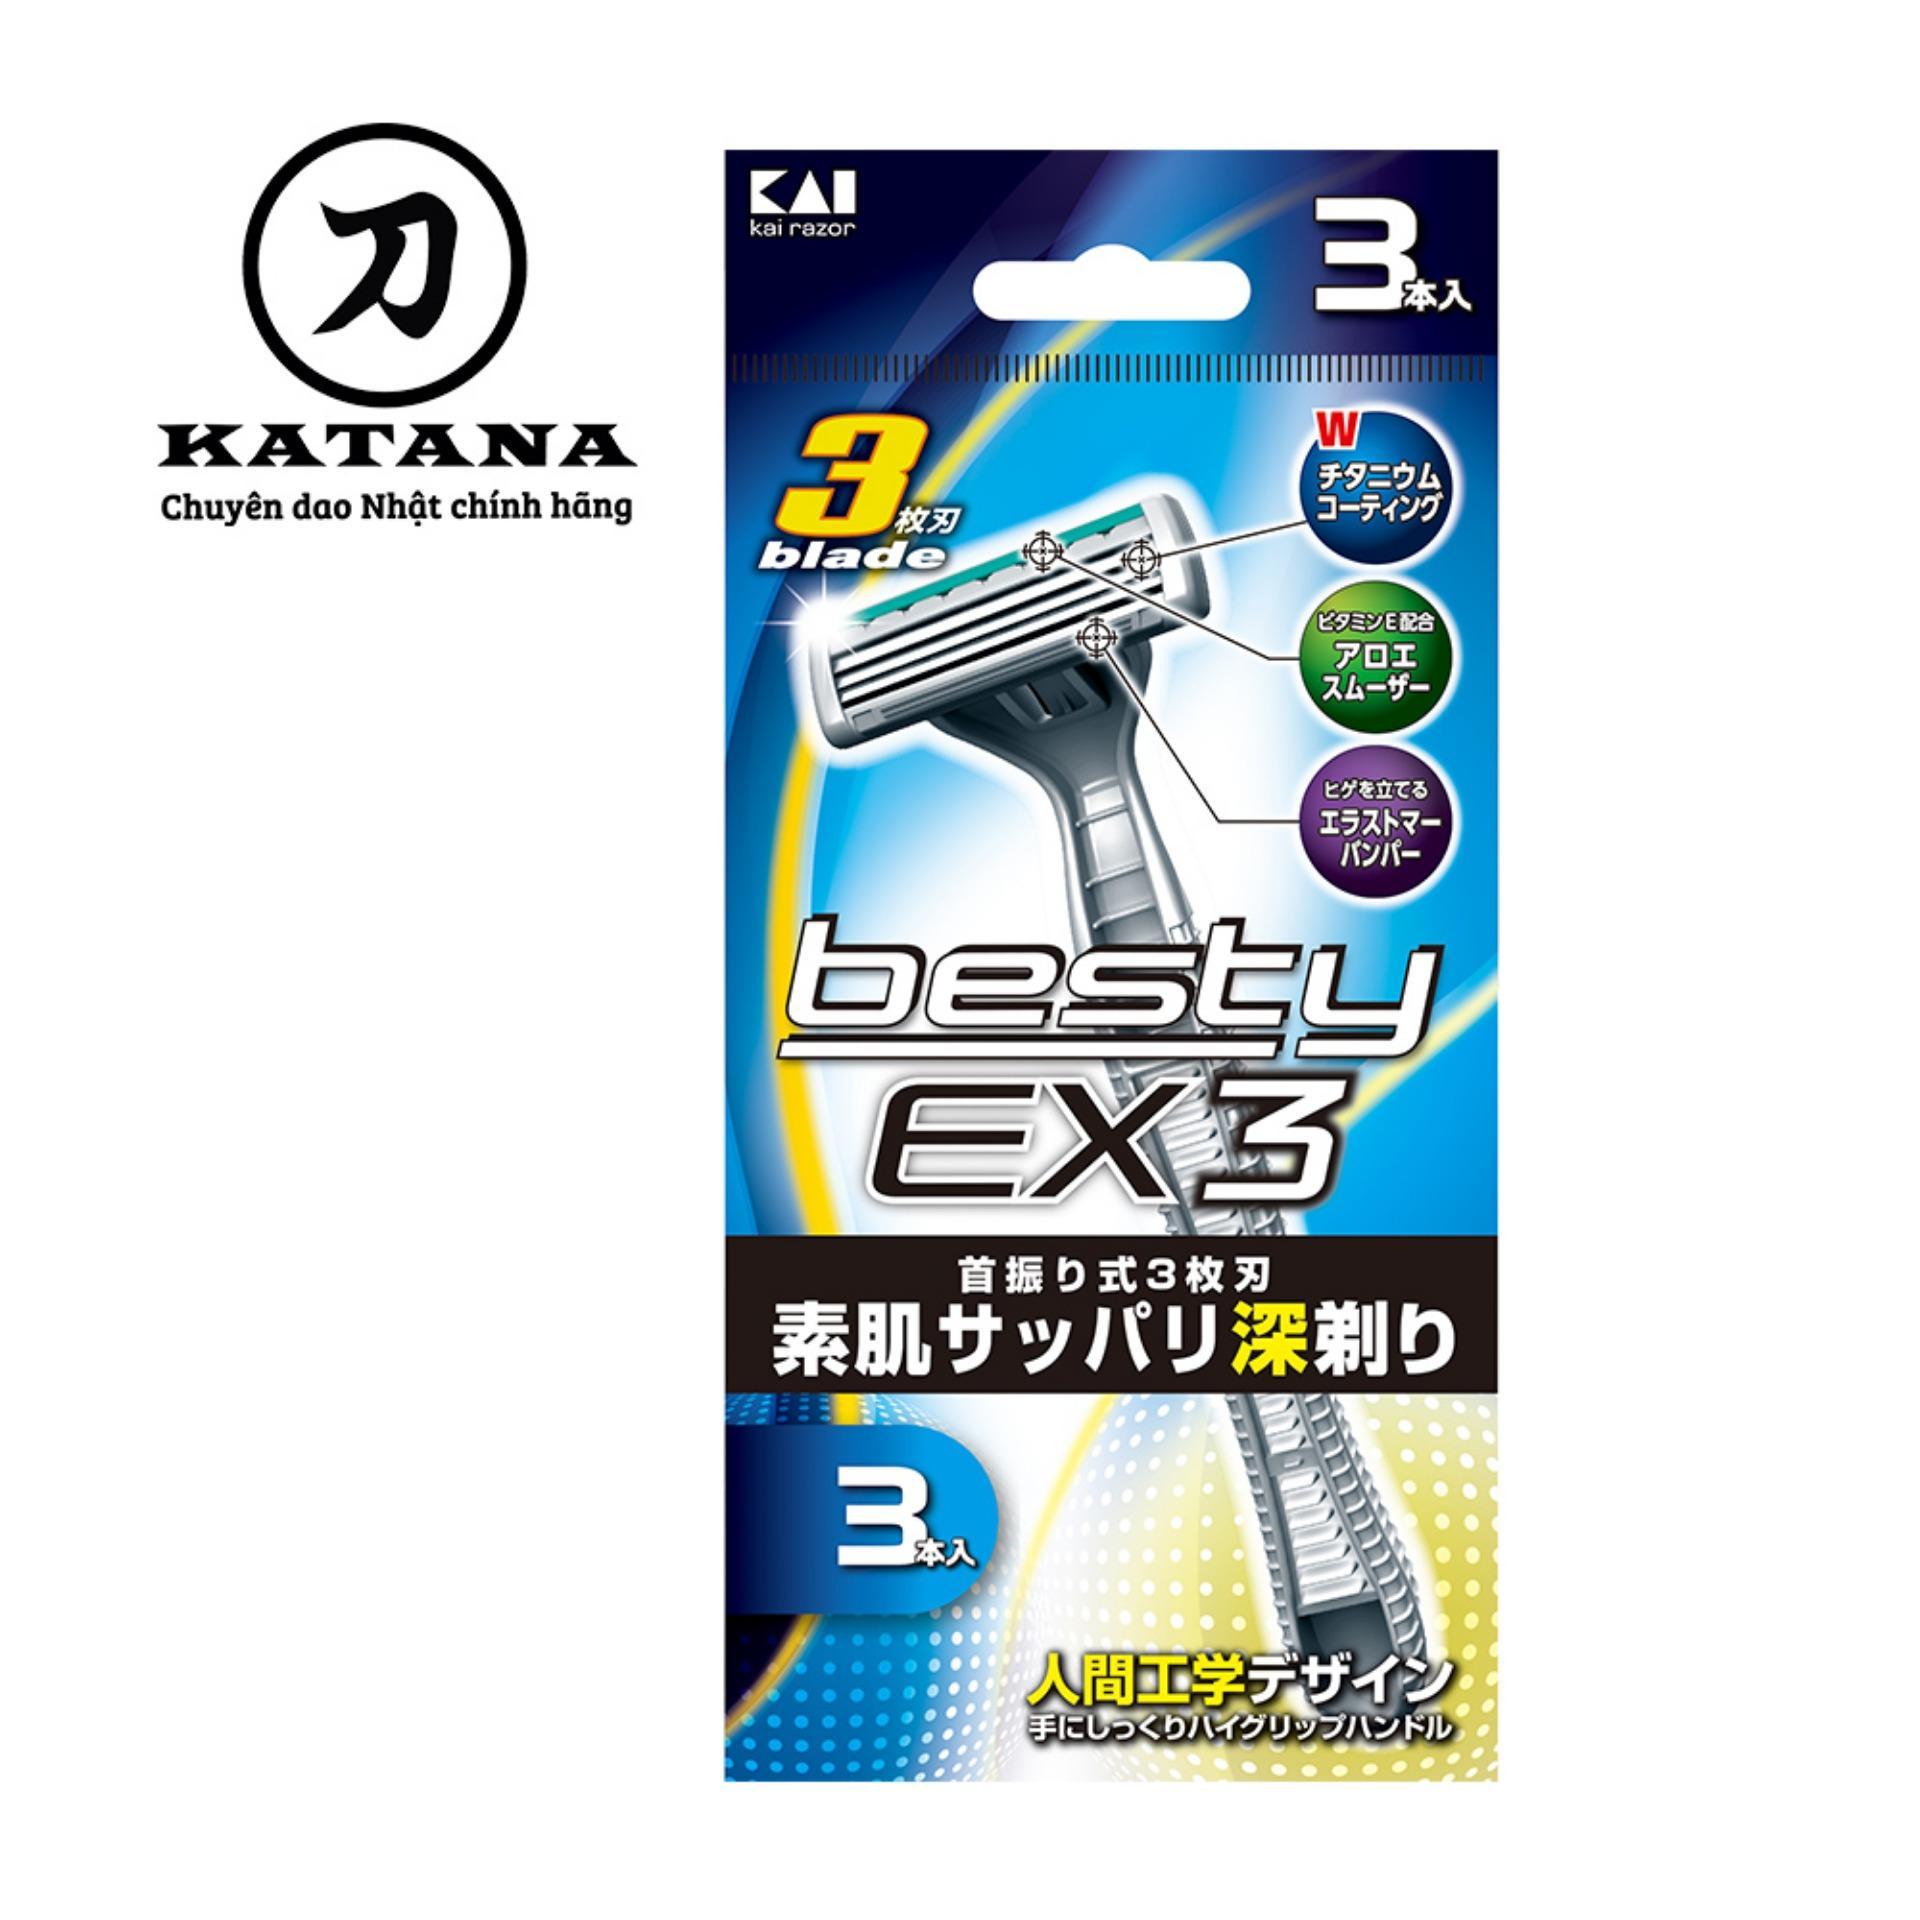 Dao cạo râu Nhật Bản 3 lưỡi Besty EX3 ( gói 3 chiếc) tốt nhất